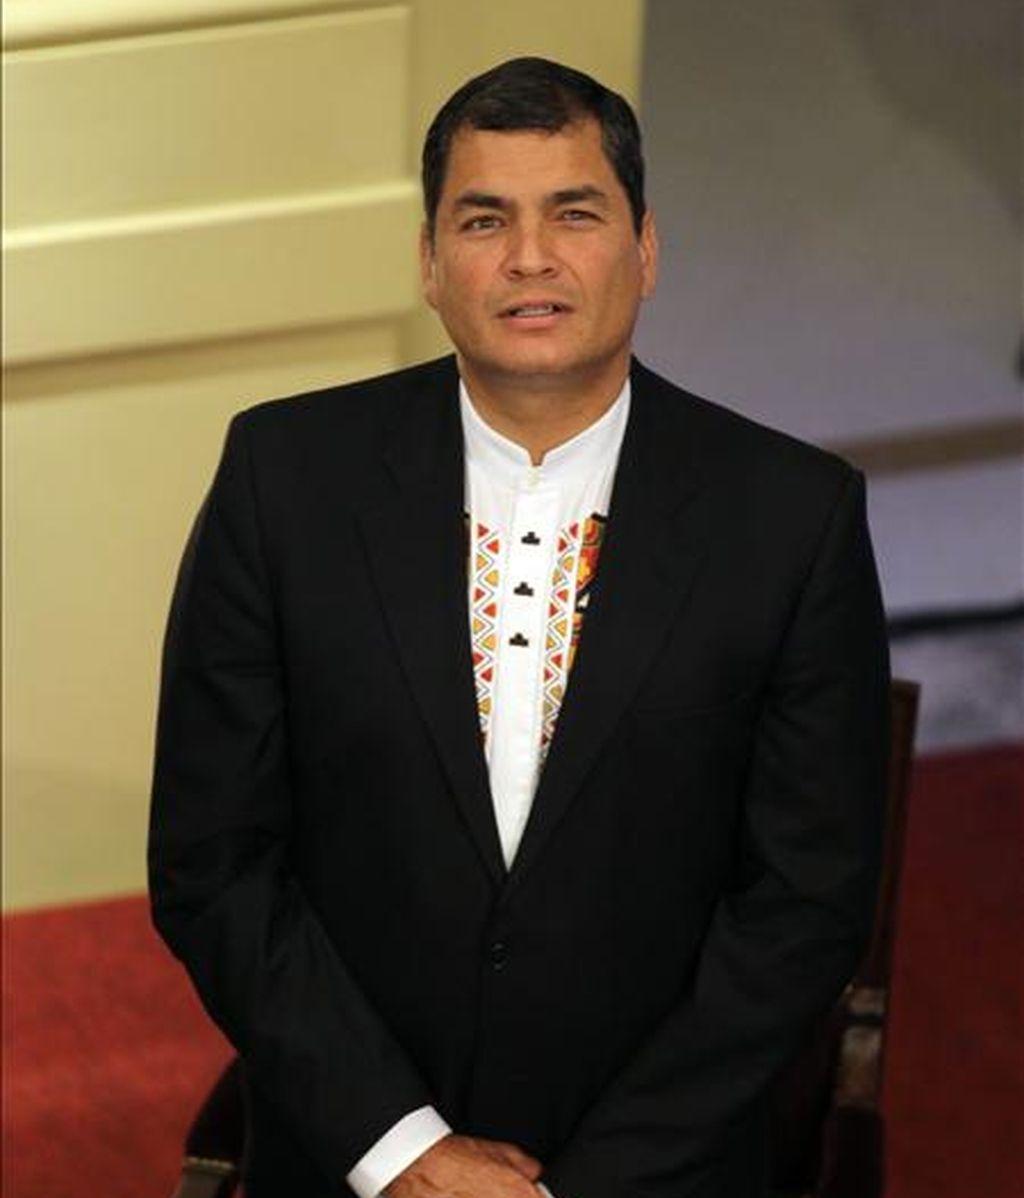 El presidente de Ecuador, Rafael Correa, dijo que aún faltan algunos ajustes en su agenda para ver la posibilidad de asistir a la investidura de Santos, el próximo 7 de agosto. EFE/Archivo